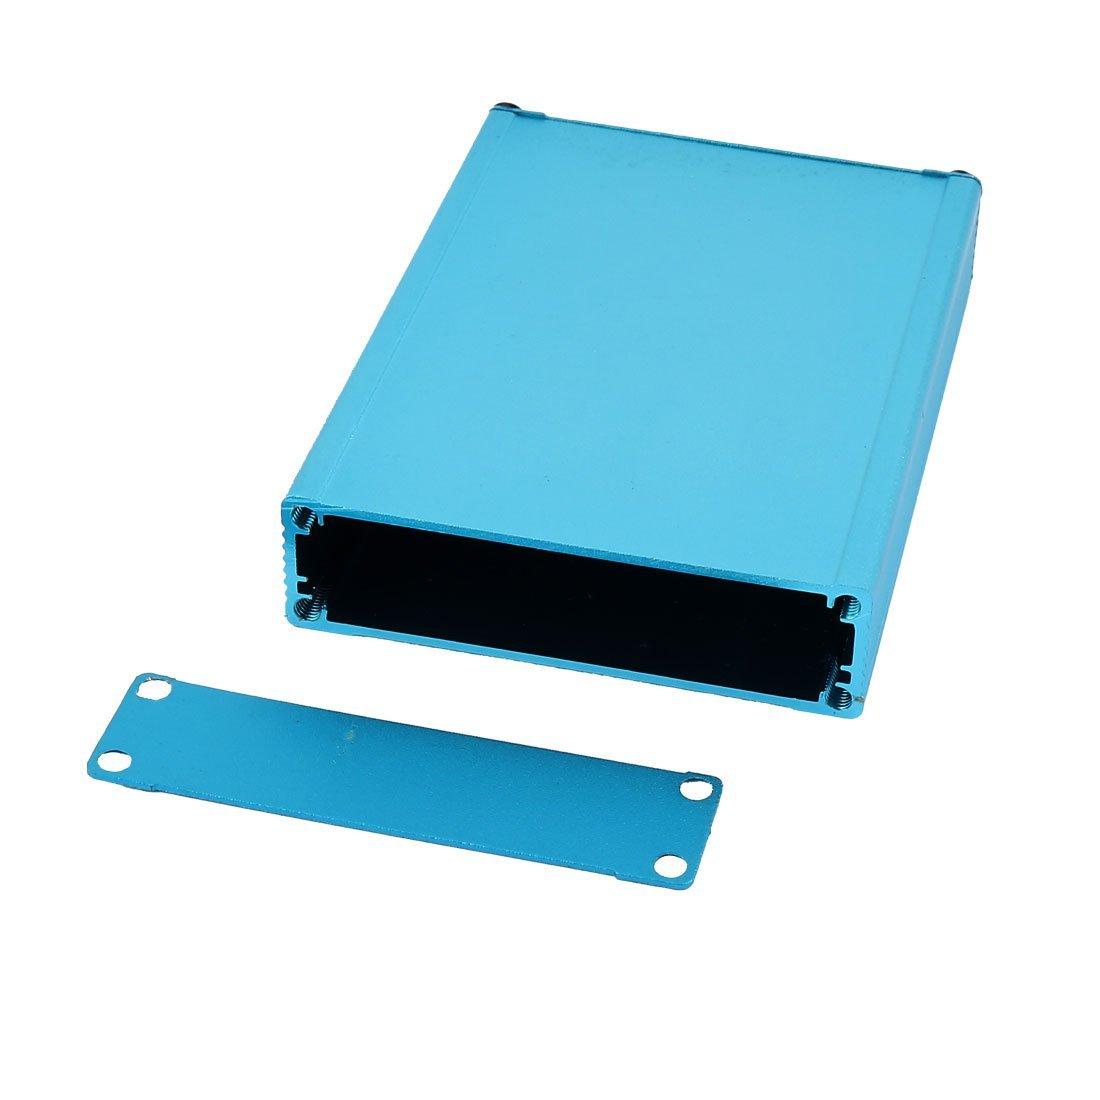 Amazon.com: eDealMax 21 x 80 x 110 mm multiuso electrónica de aluminio extruido recinto Azul: Electronics